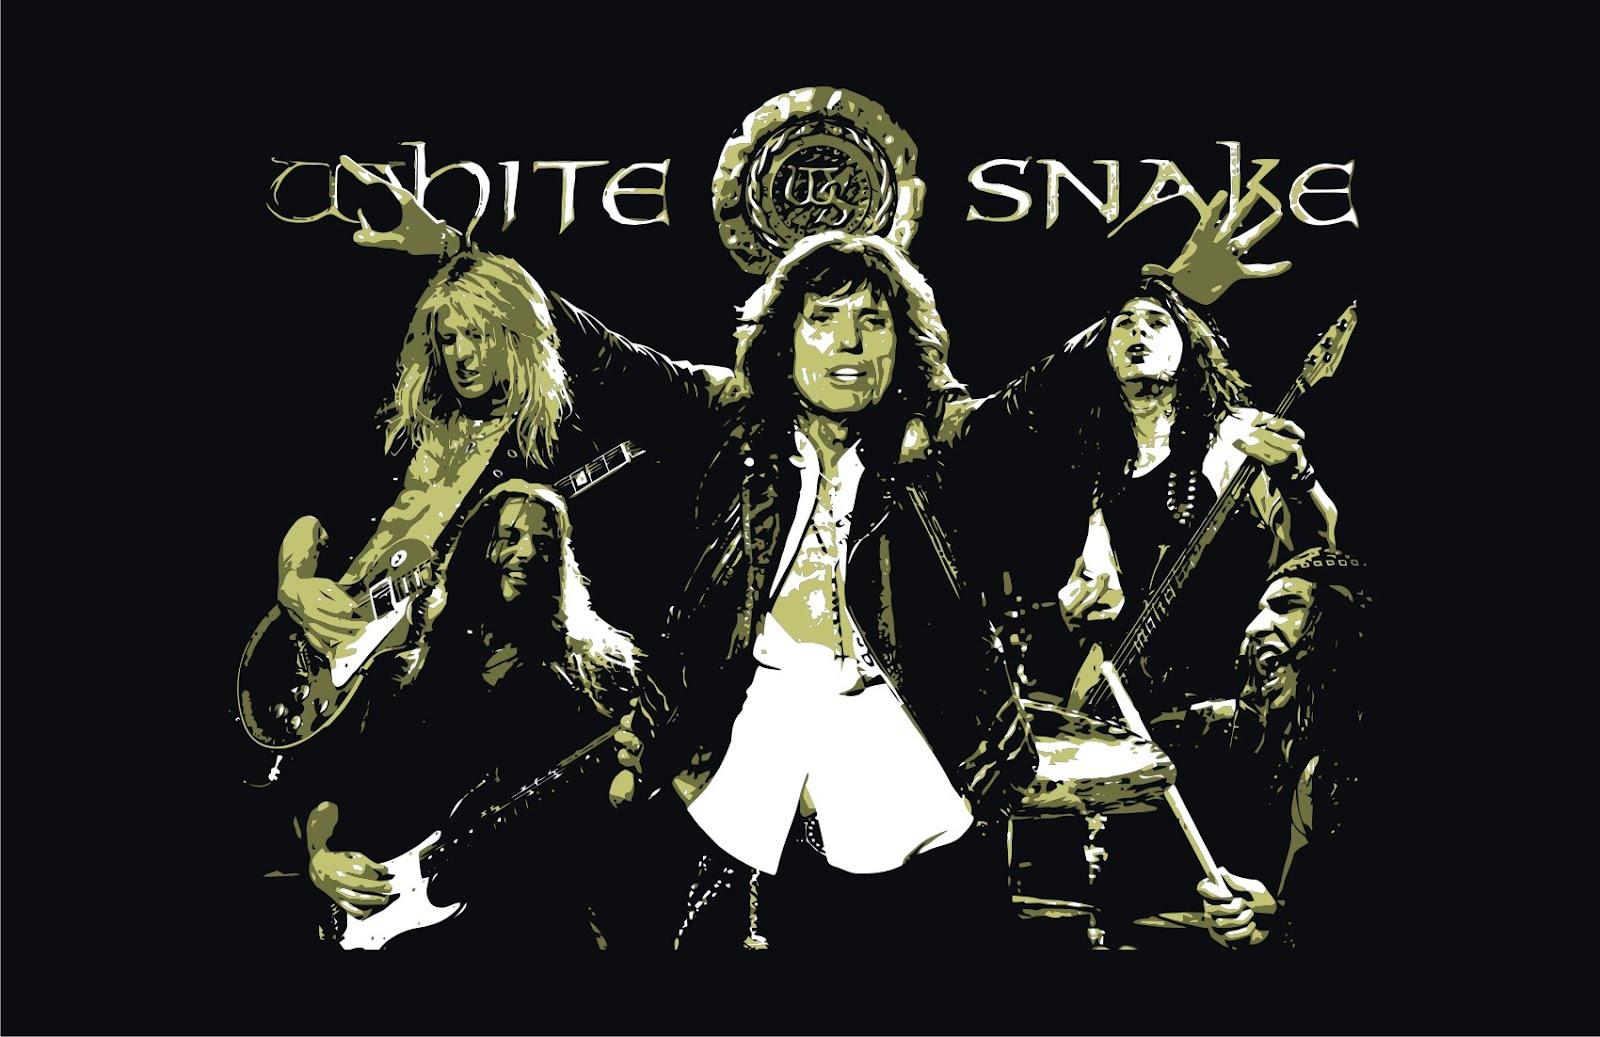 whitesnake-poster_promo_front_vector